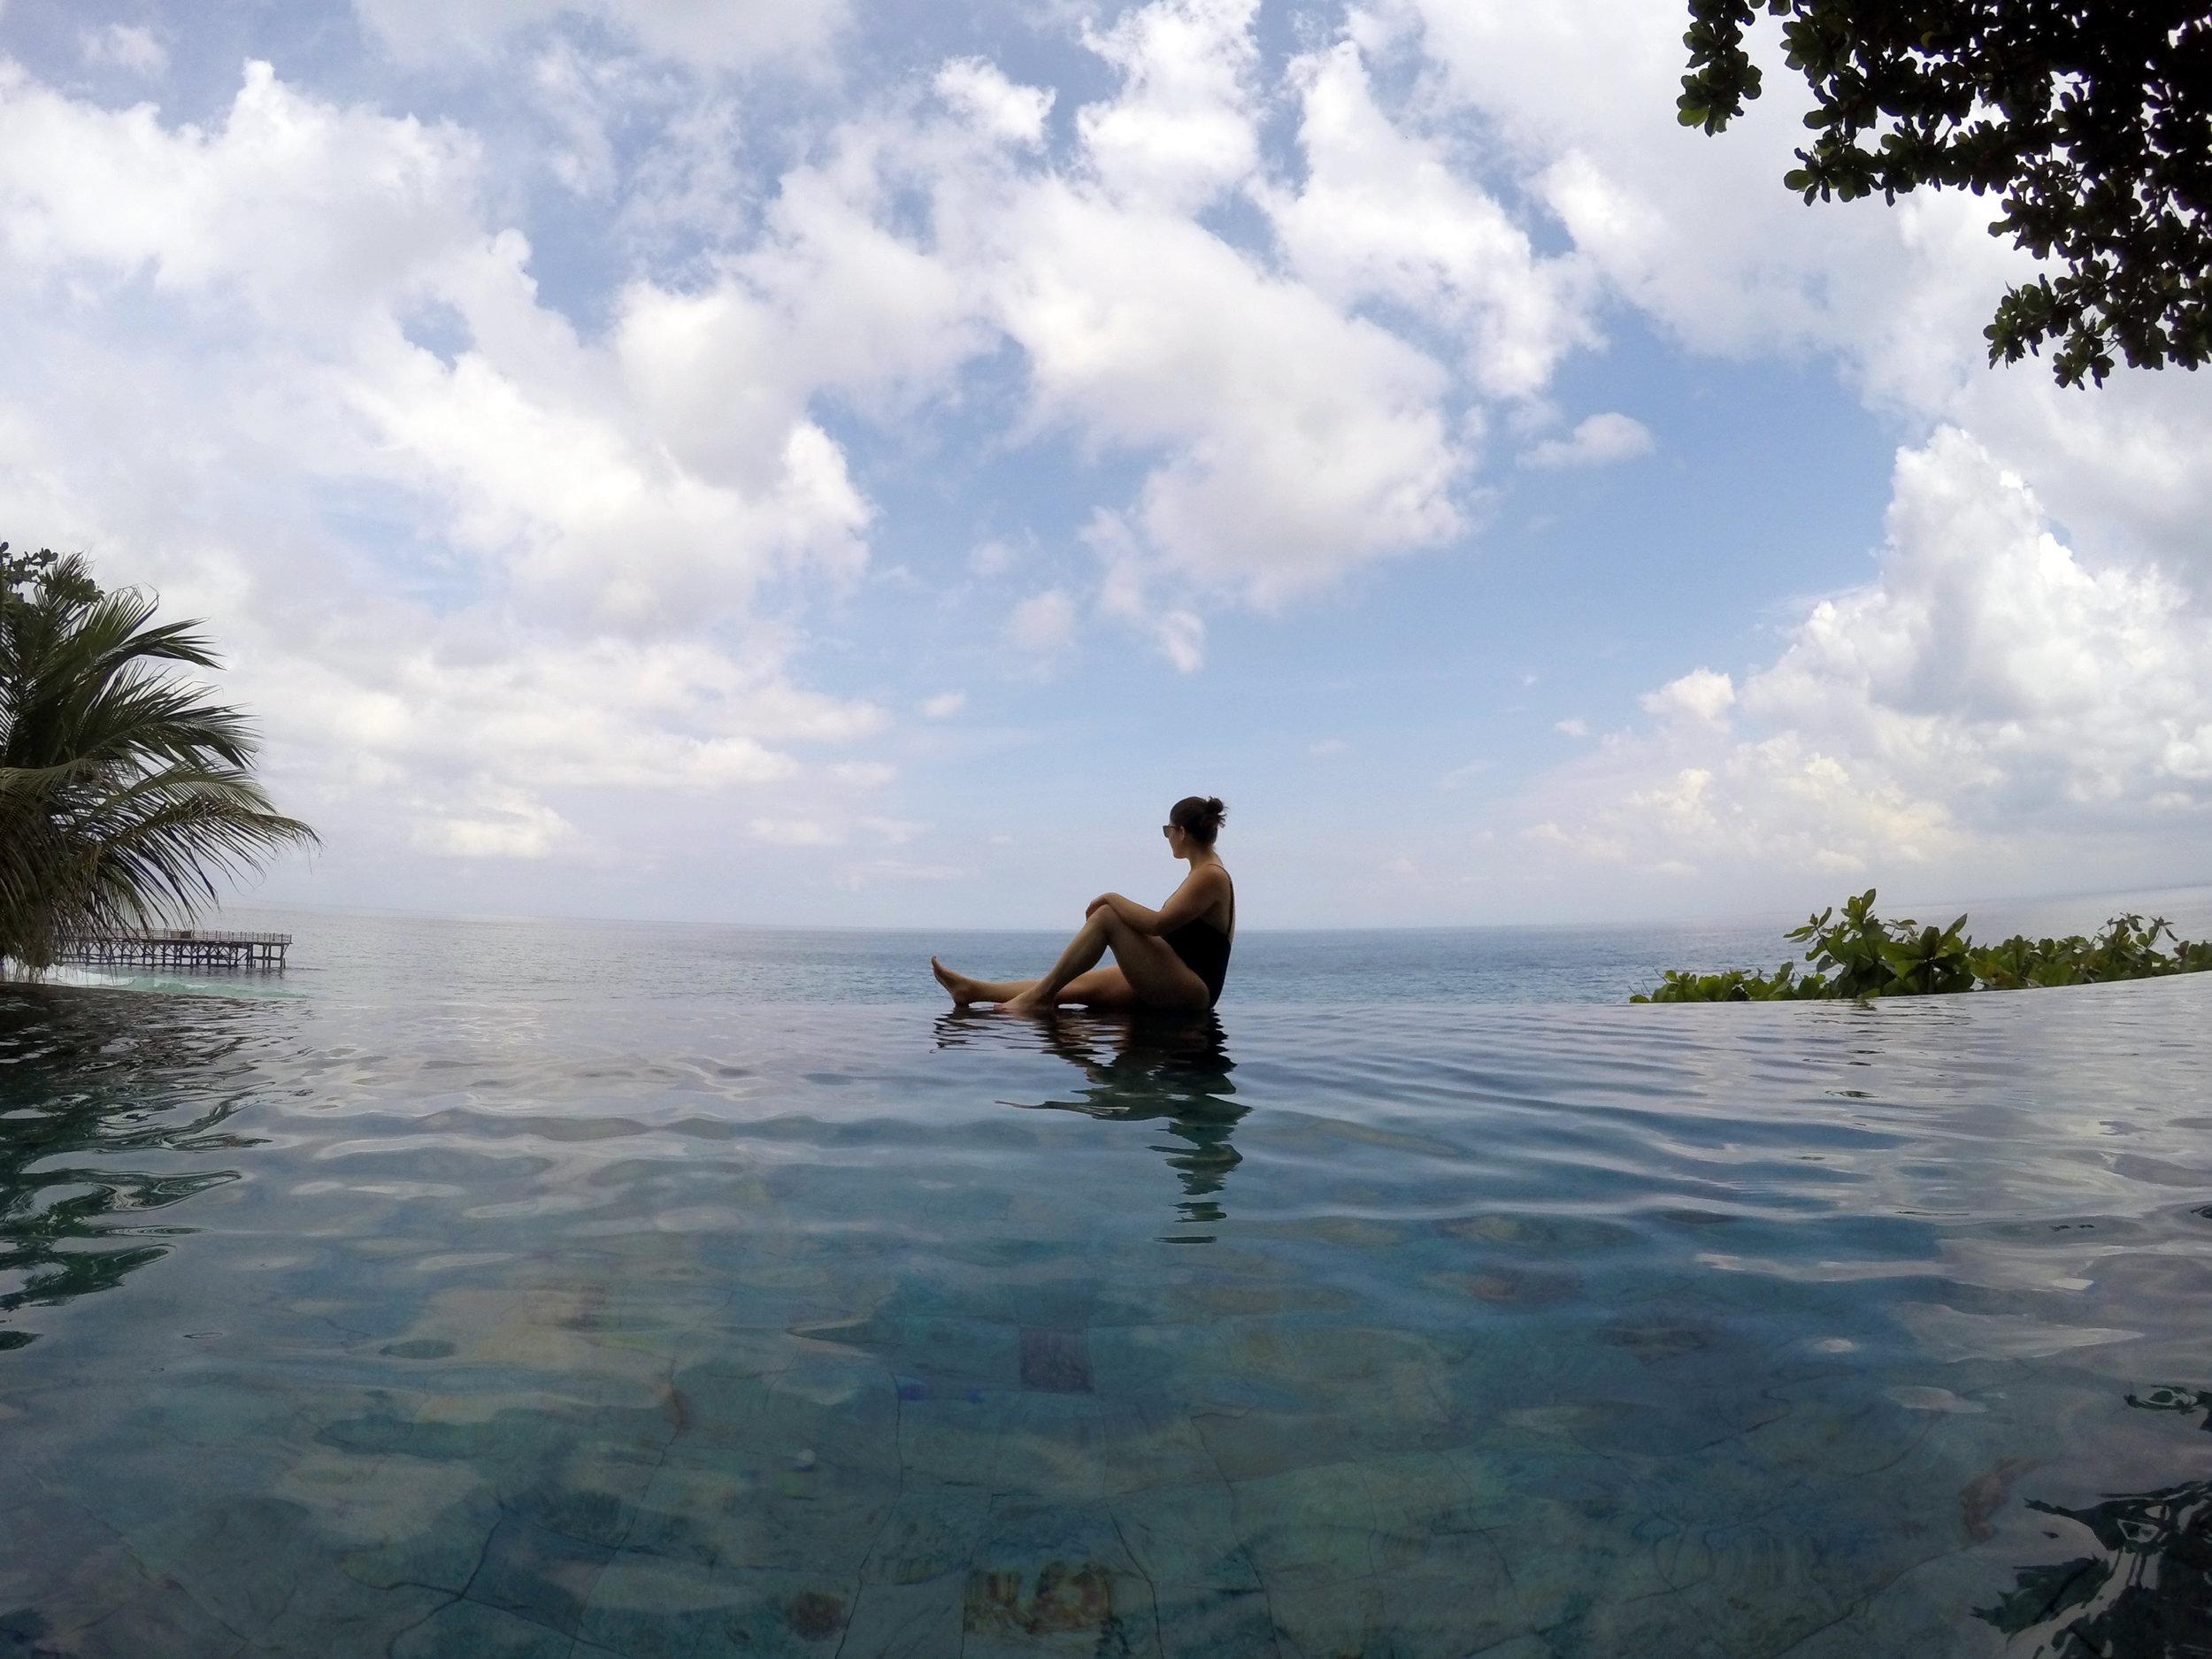 Enjoying the view of the coast in Jimbaran